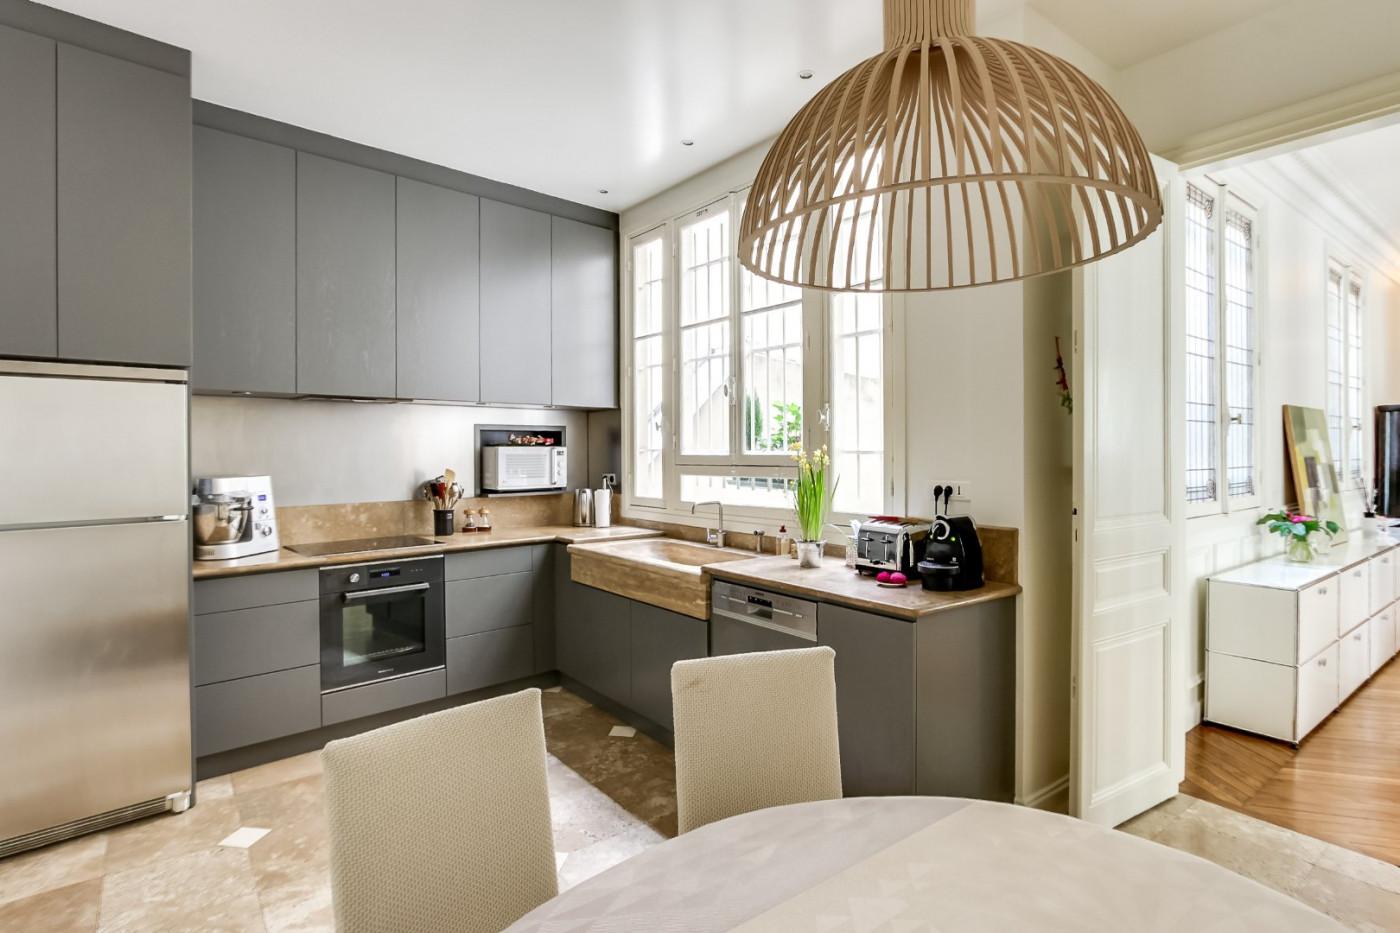 A vendre  Paris 7eme Arrondissement | Réf 750409 - Api home